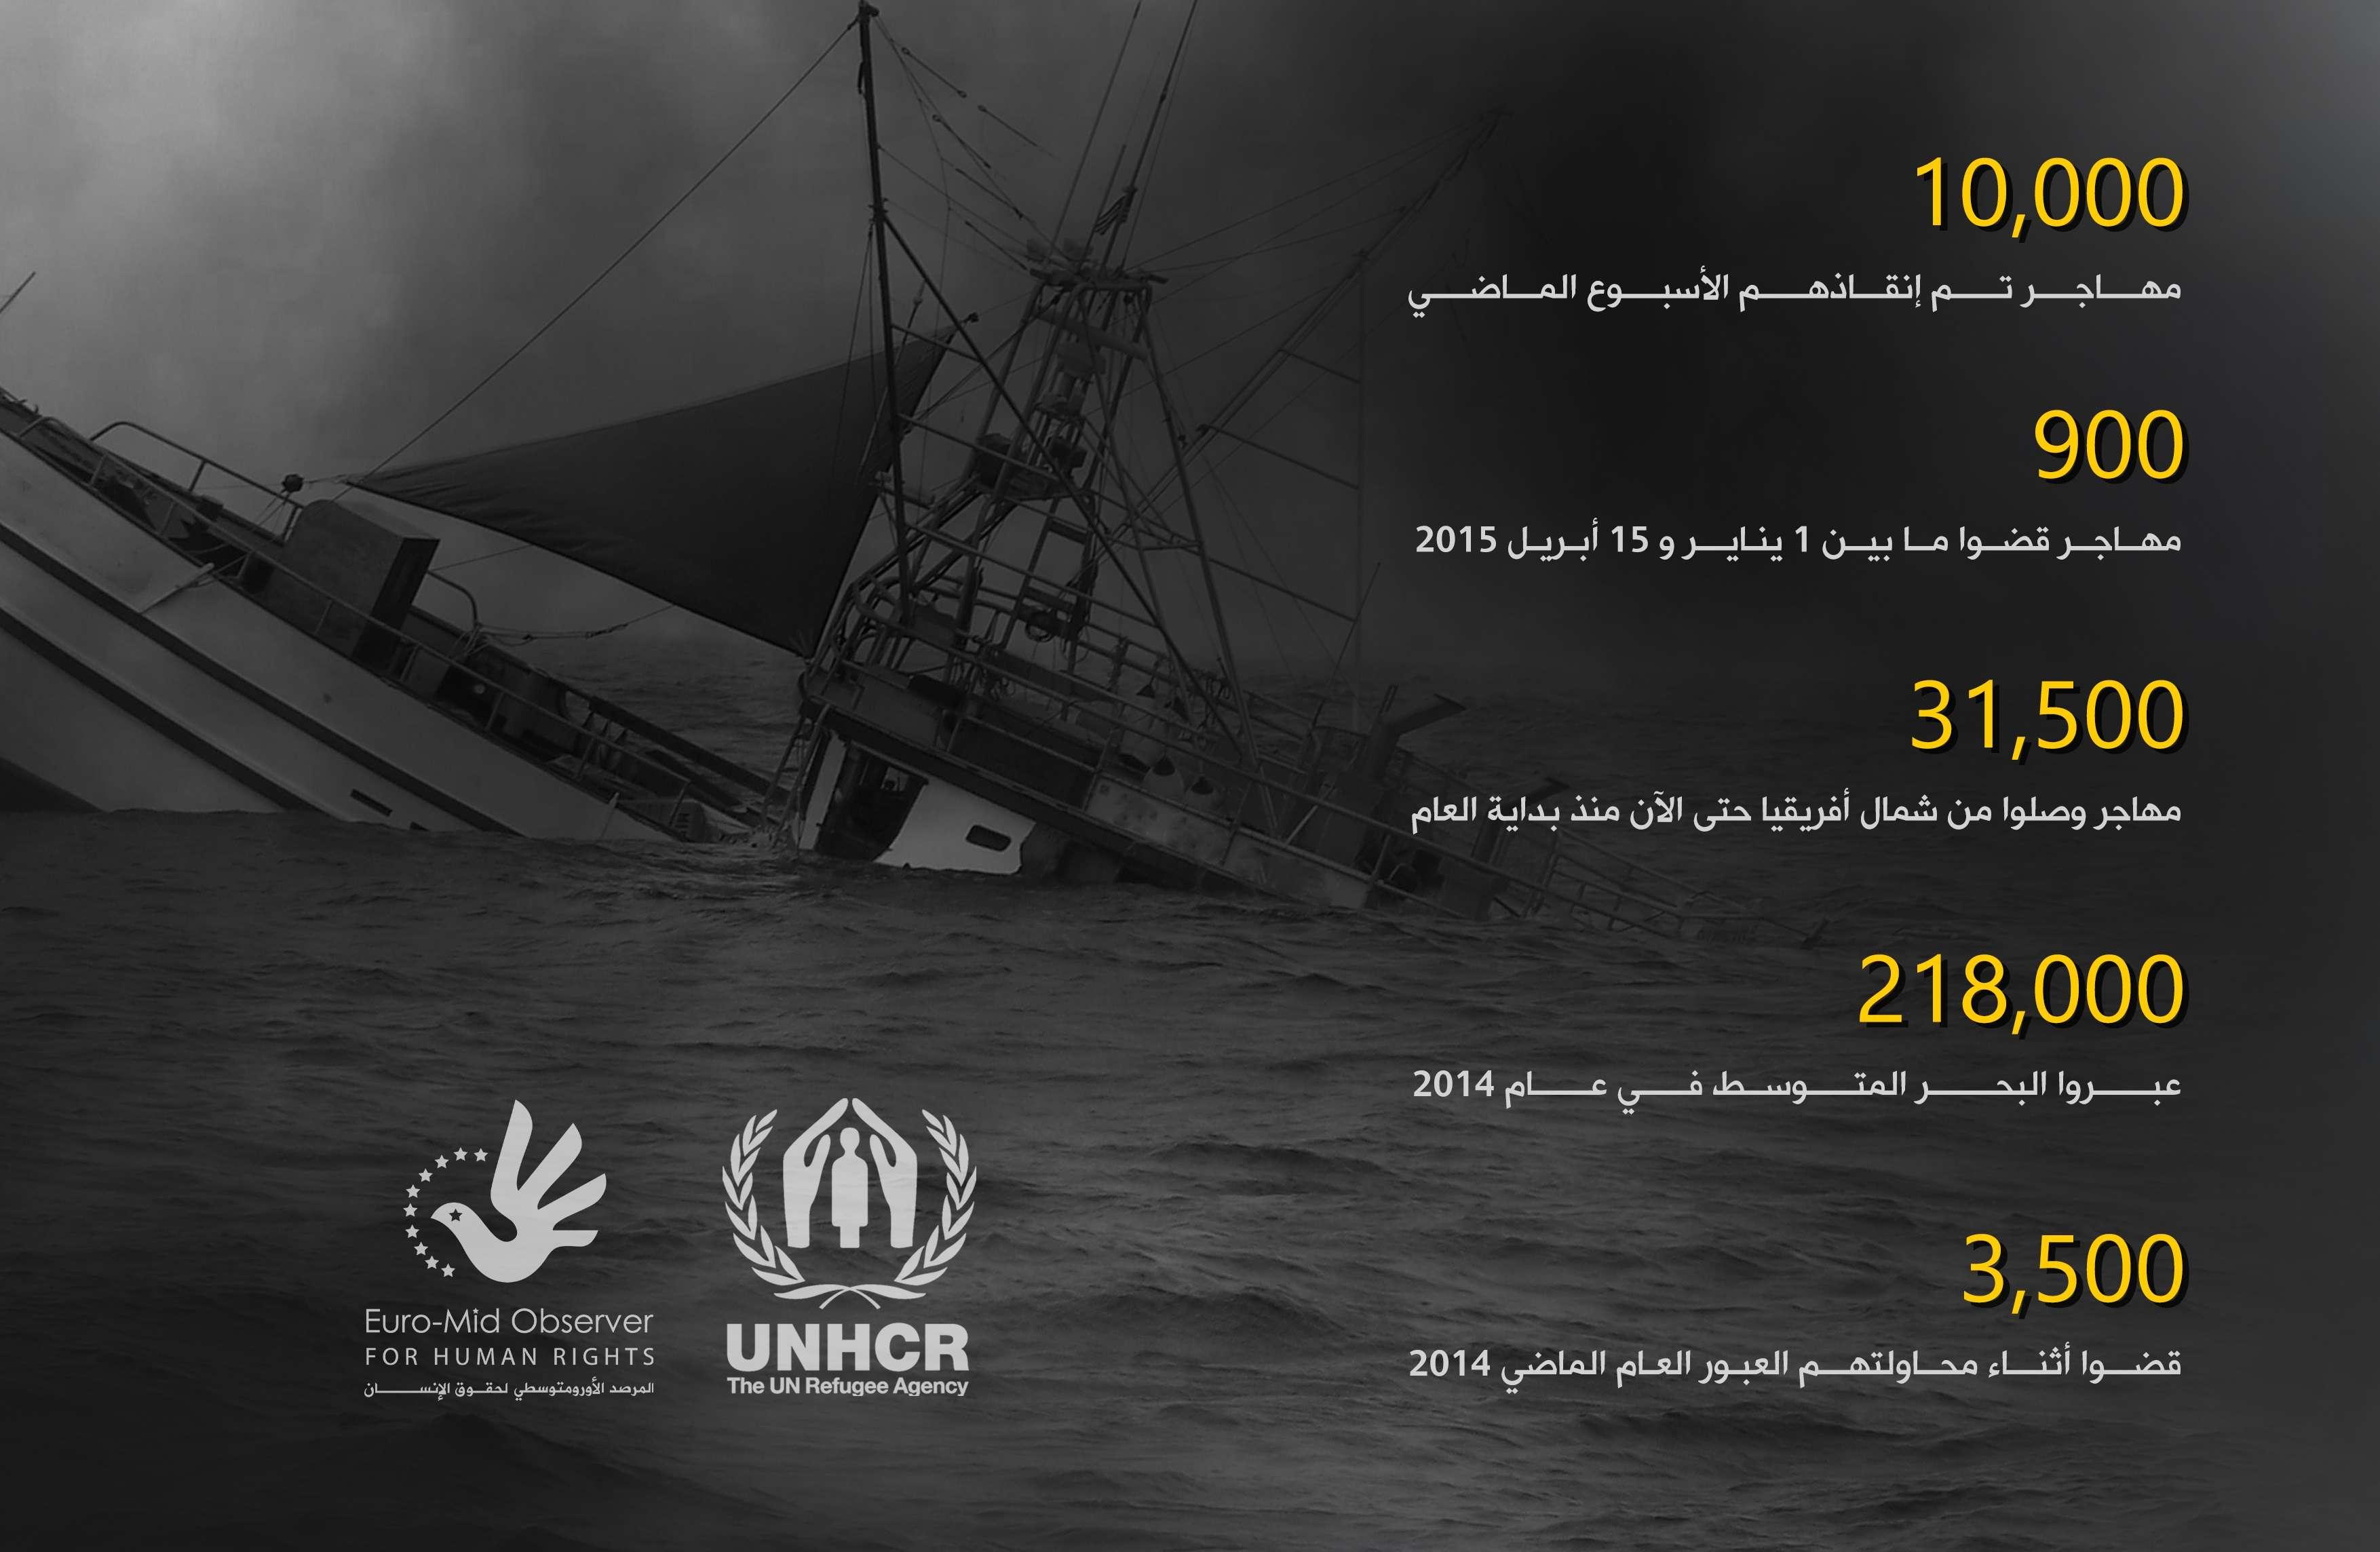 أرقام أولية عقب الكارثة البحرية الأسوأ منذ الحرب العالمية الثانية